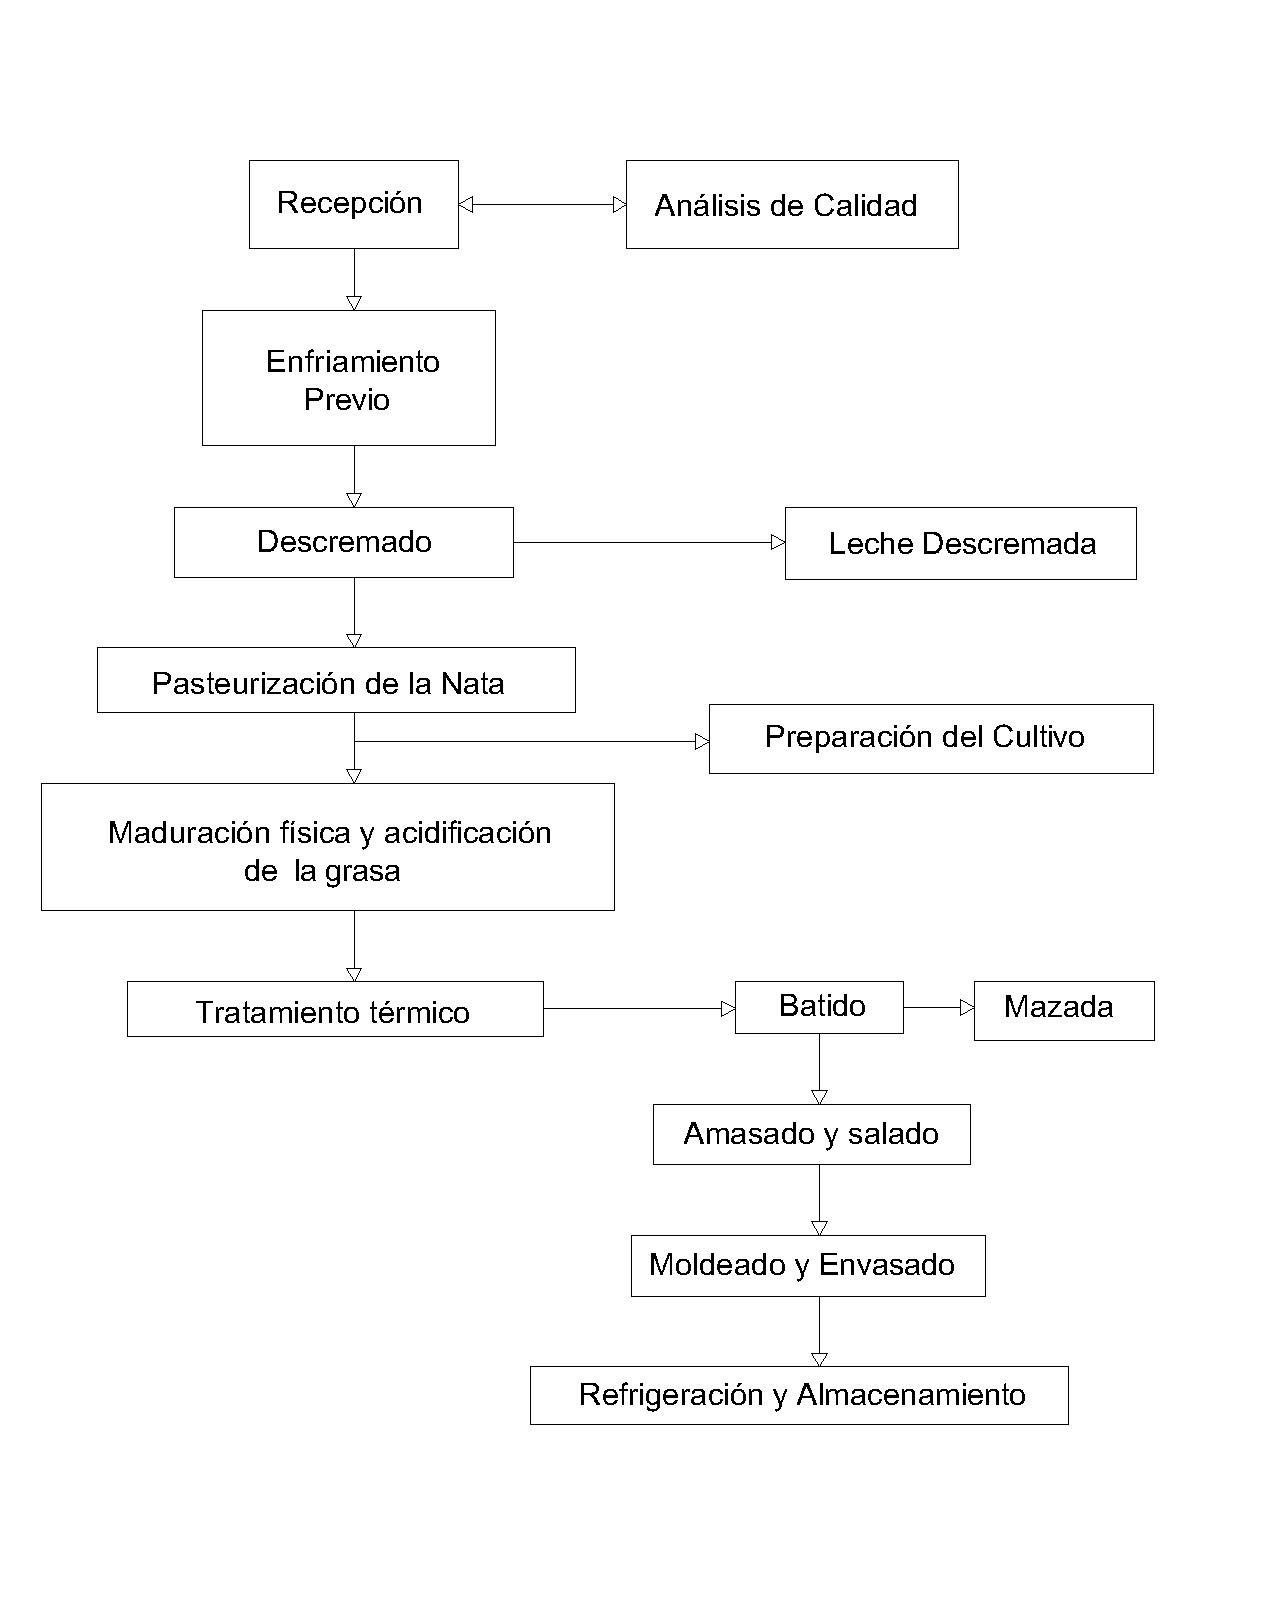 Search Results Diagrama De Flujo De Procesohtml  Autos